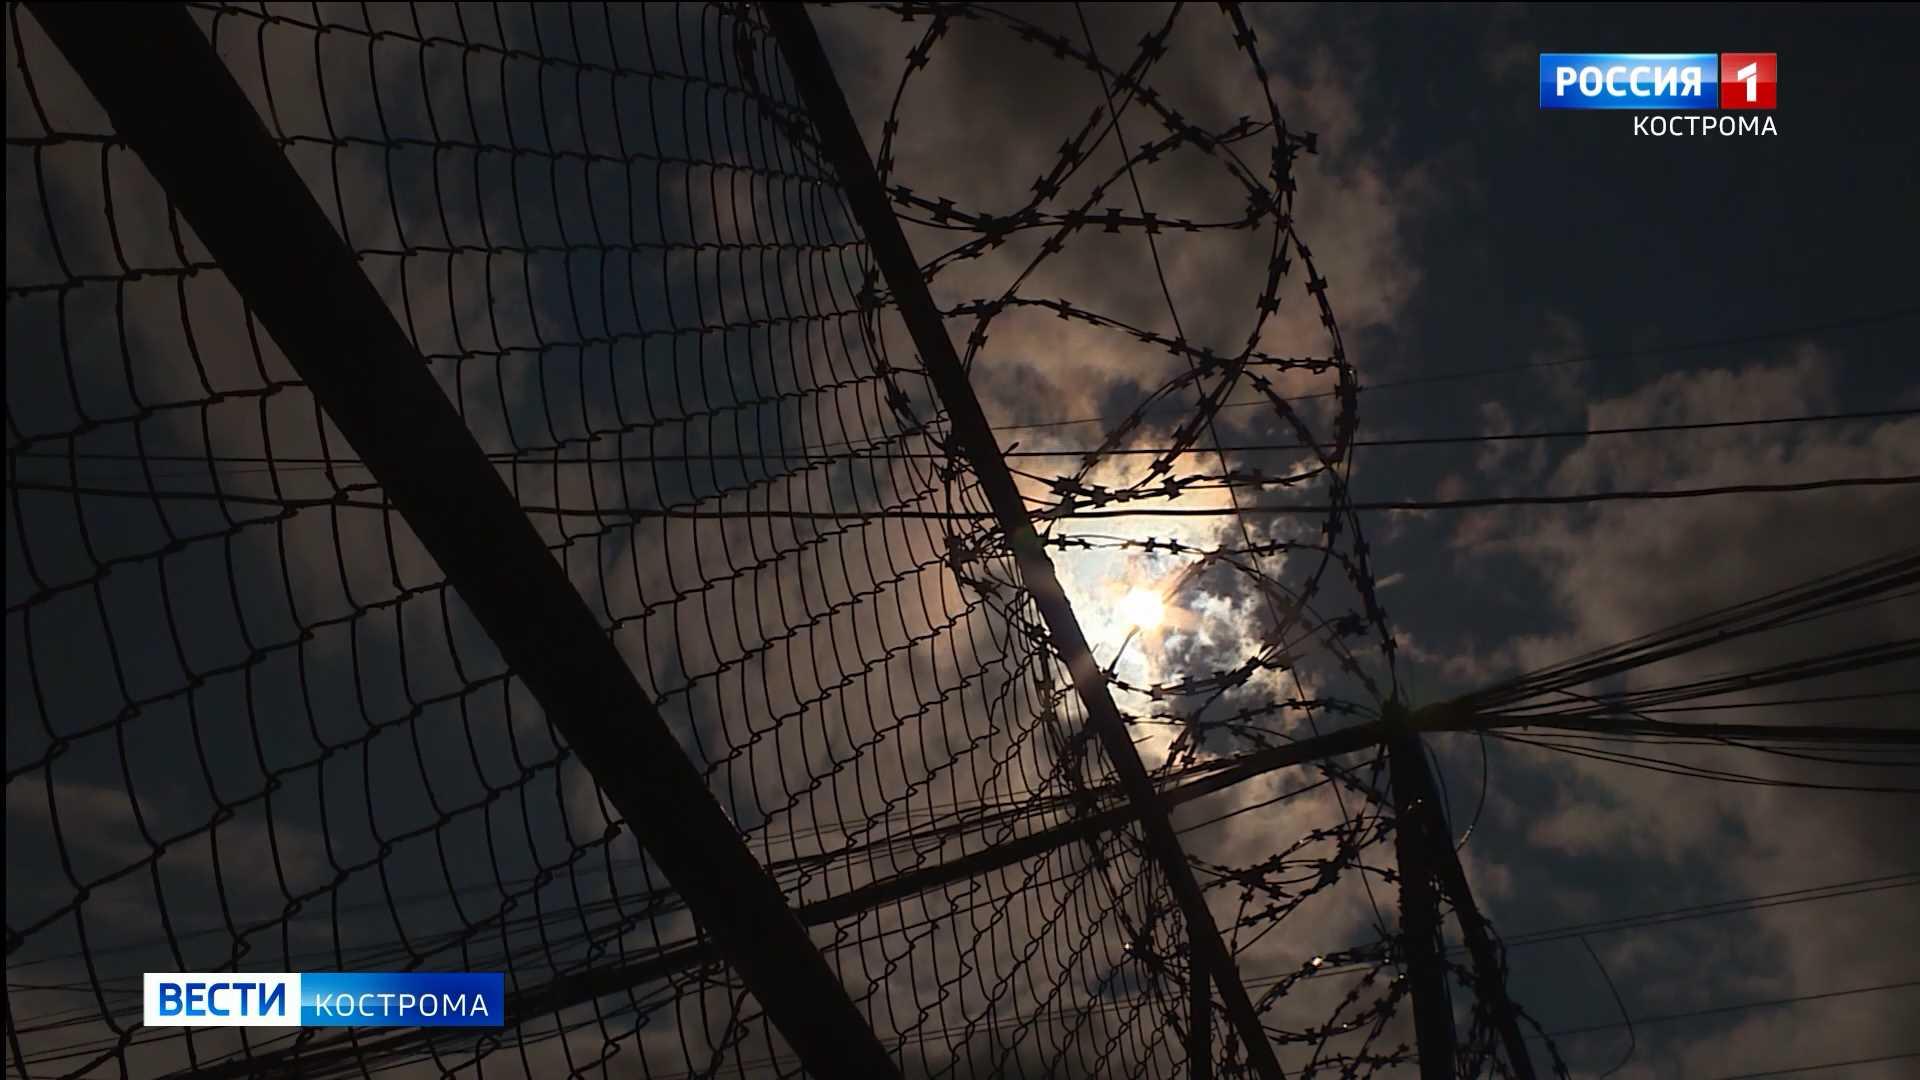 Грубый заключенный в Костроме получит второй срок за нехорошие слова